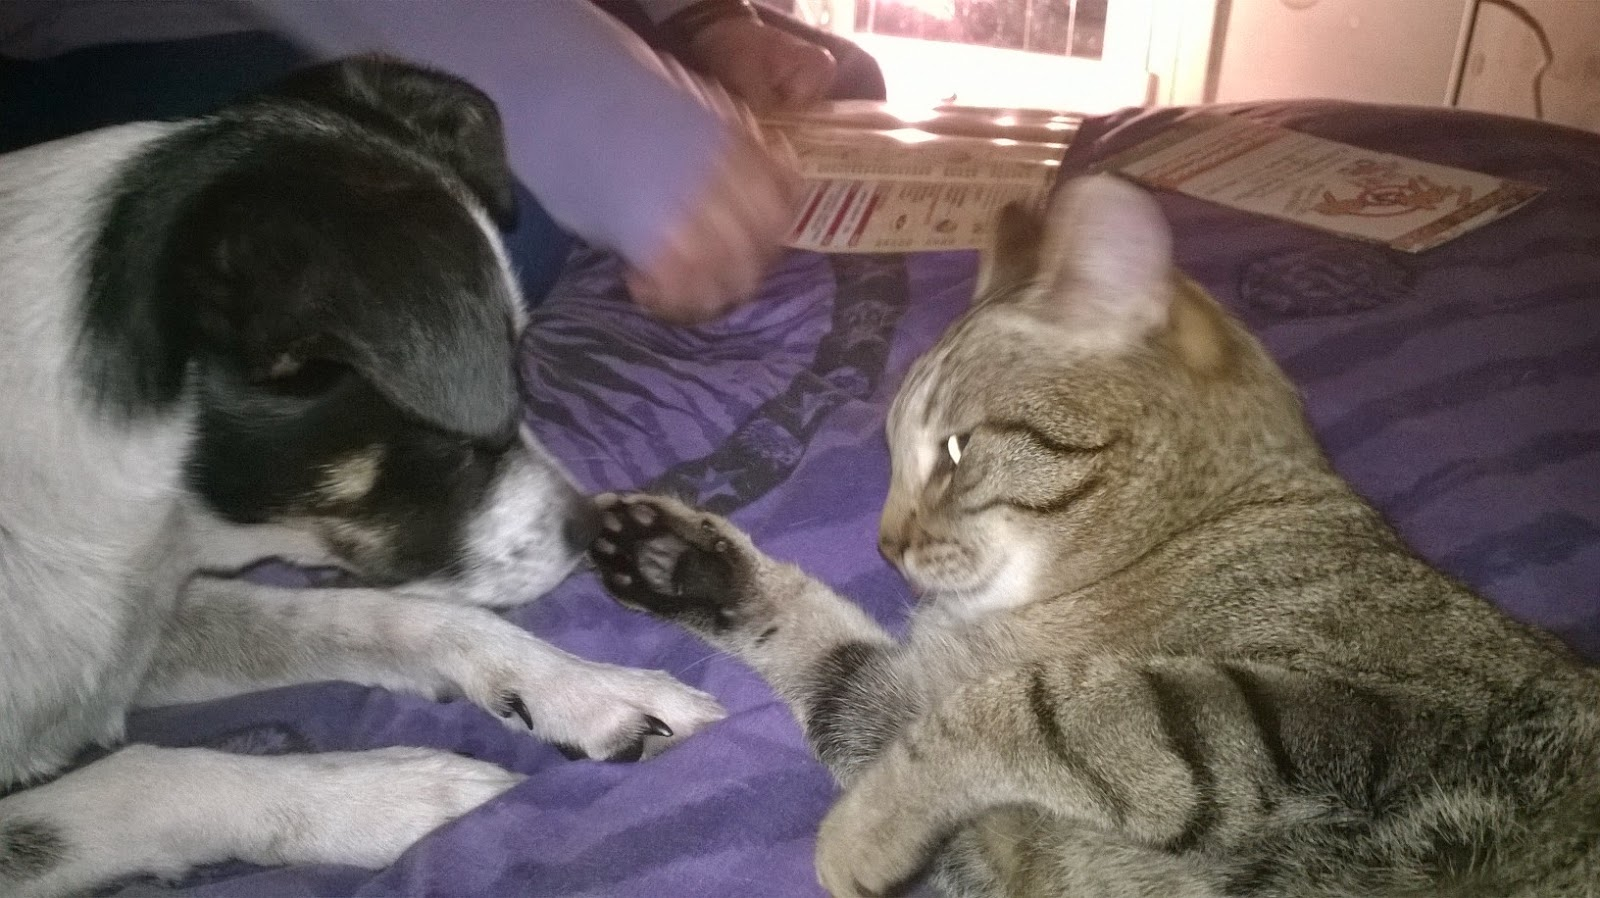 Le cronache animali curiosit il linguaggio della coda for Il linguaggio dei gatti